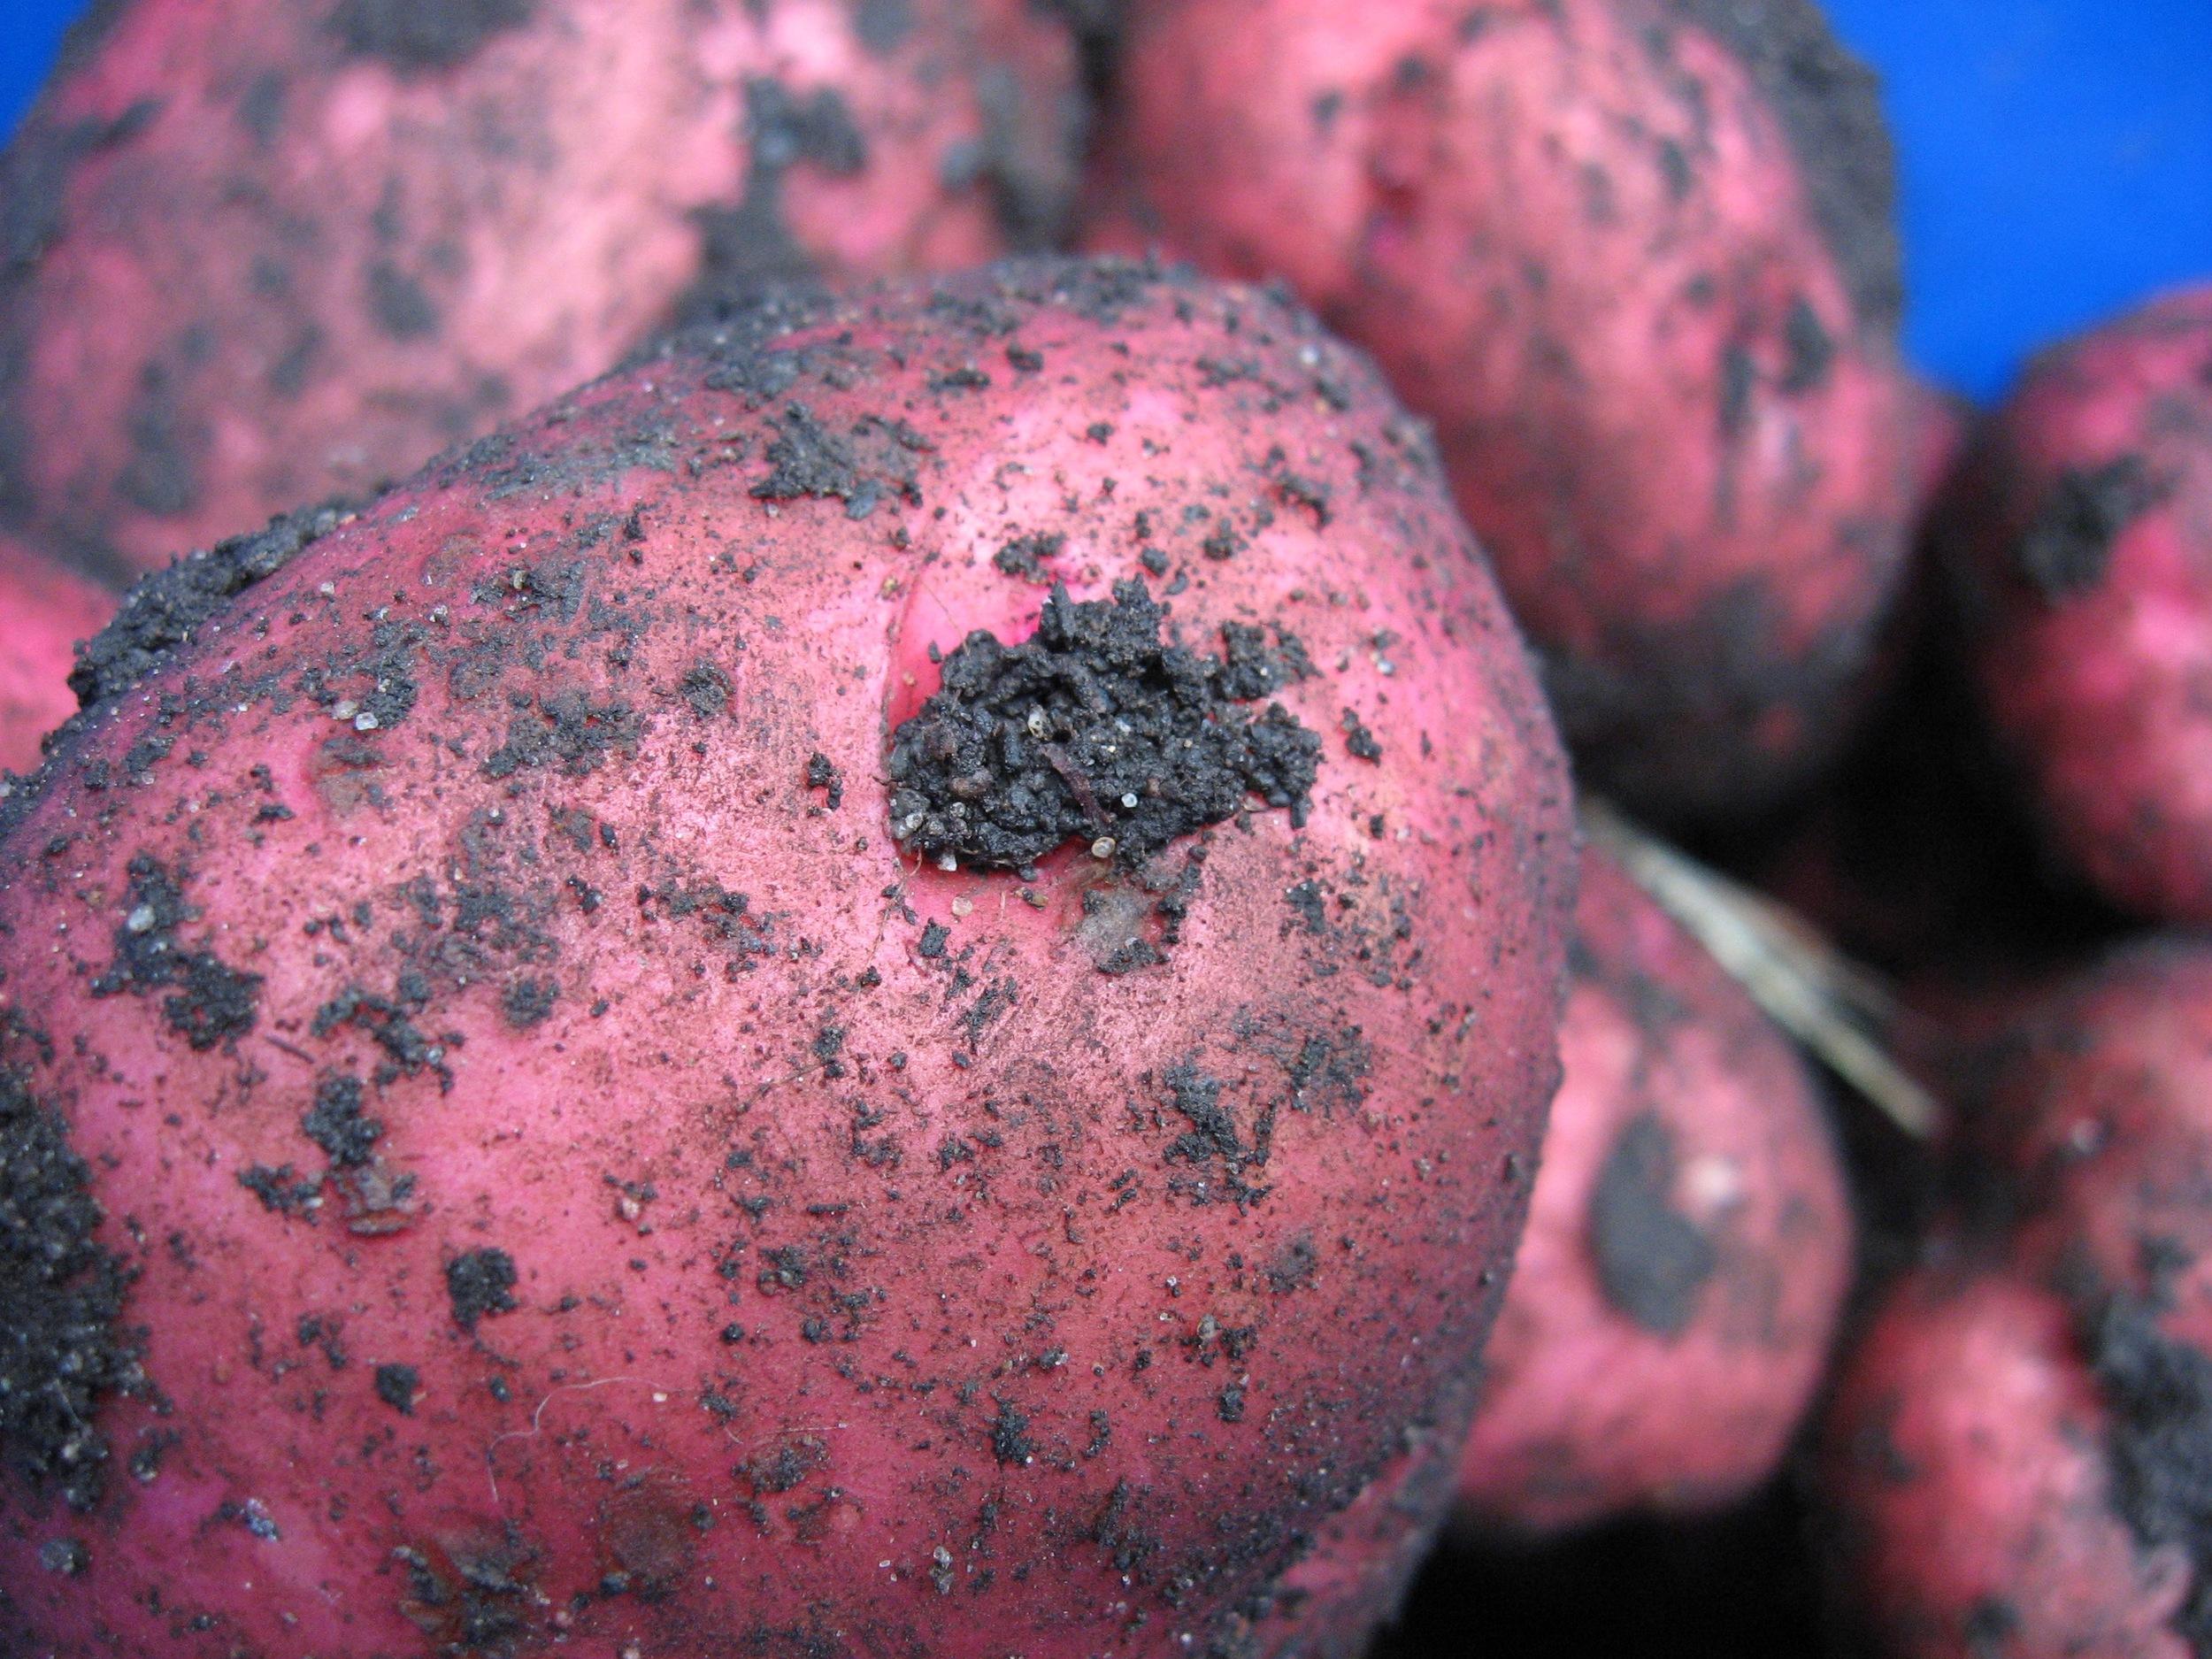 Cute potatoes!